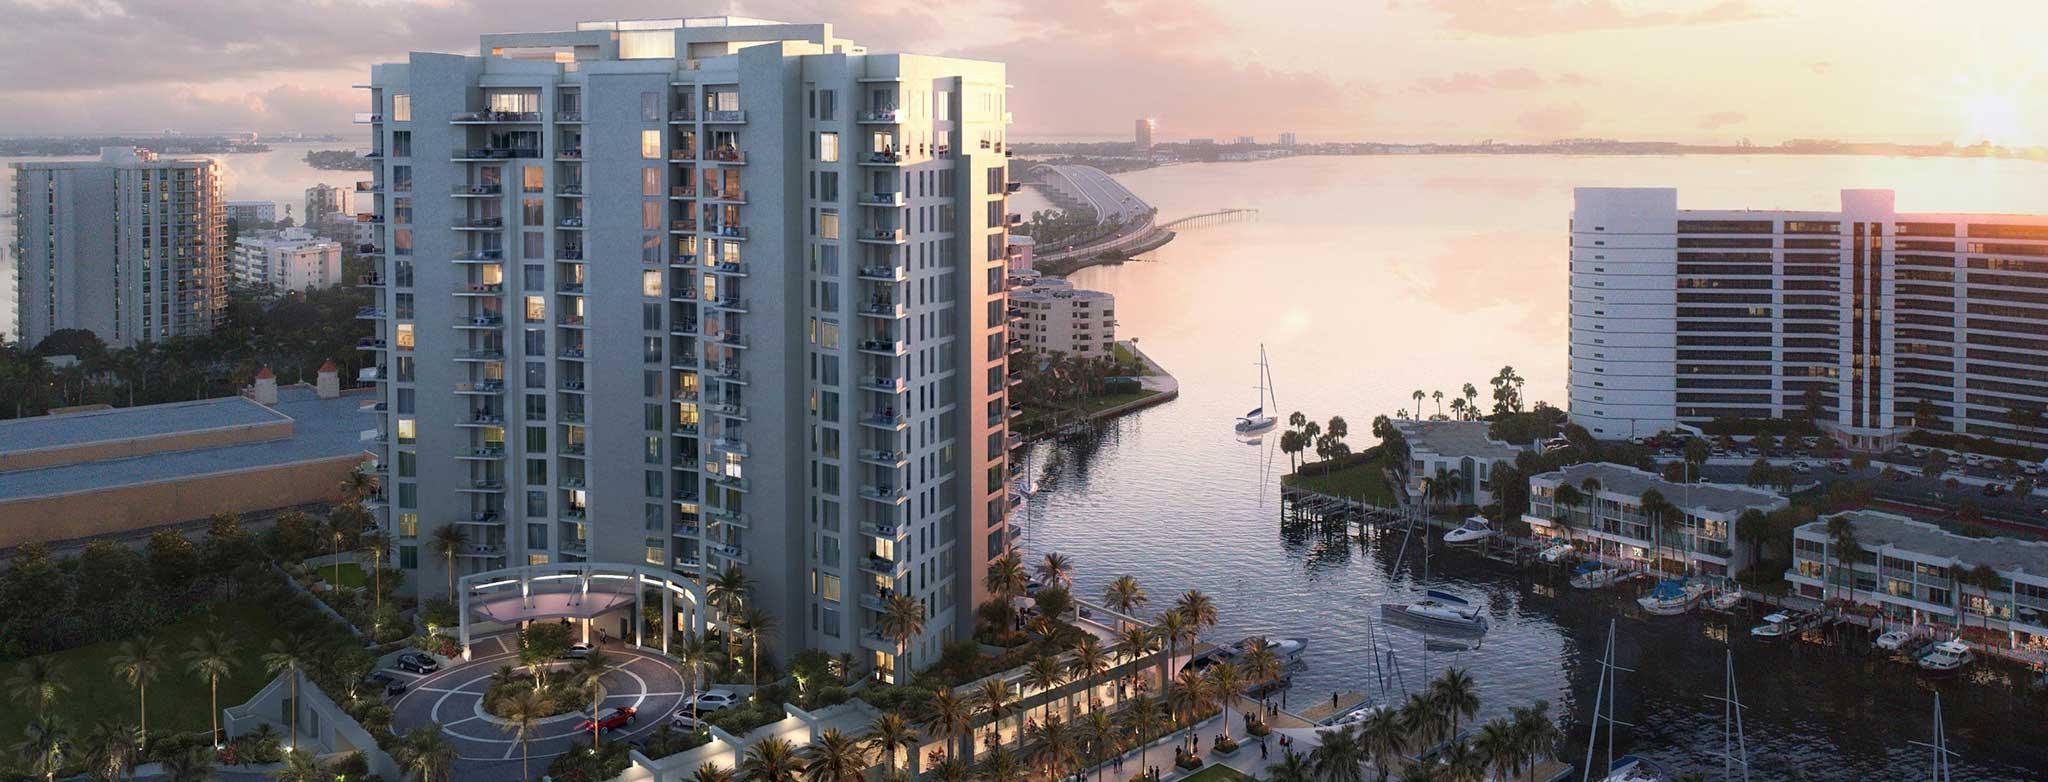 Ritz-Carlton Residences Sarasota